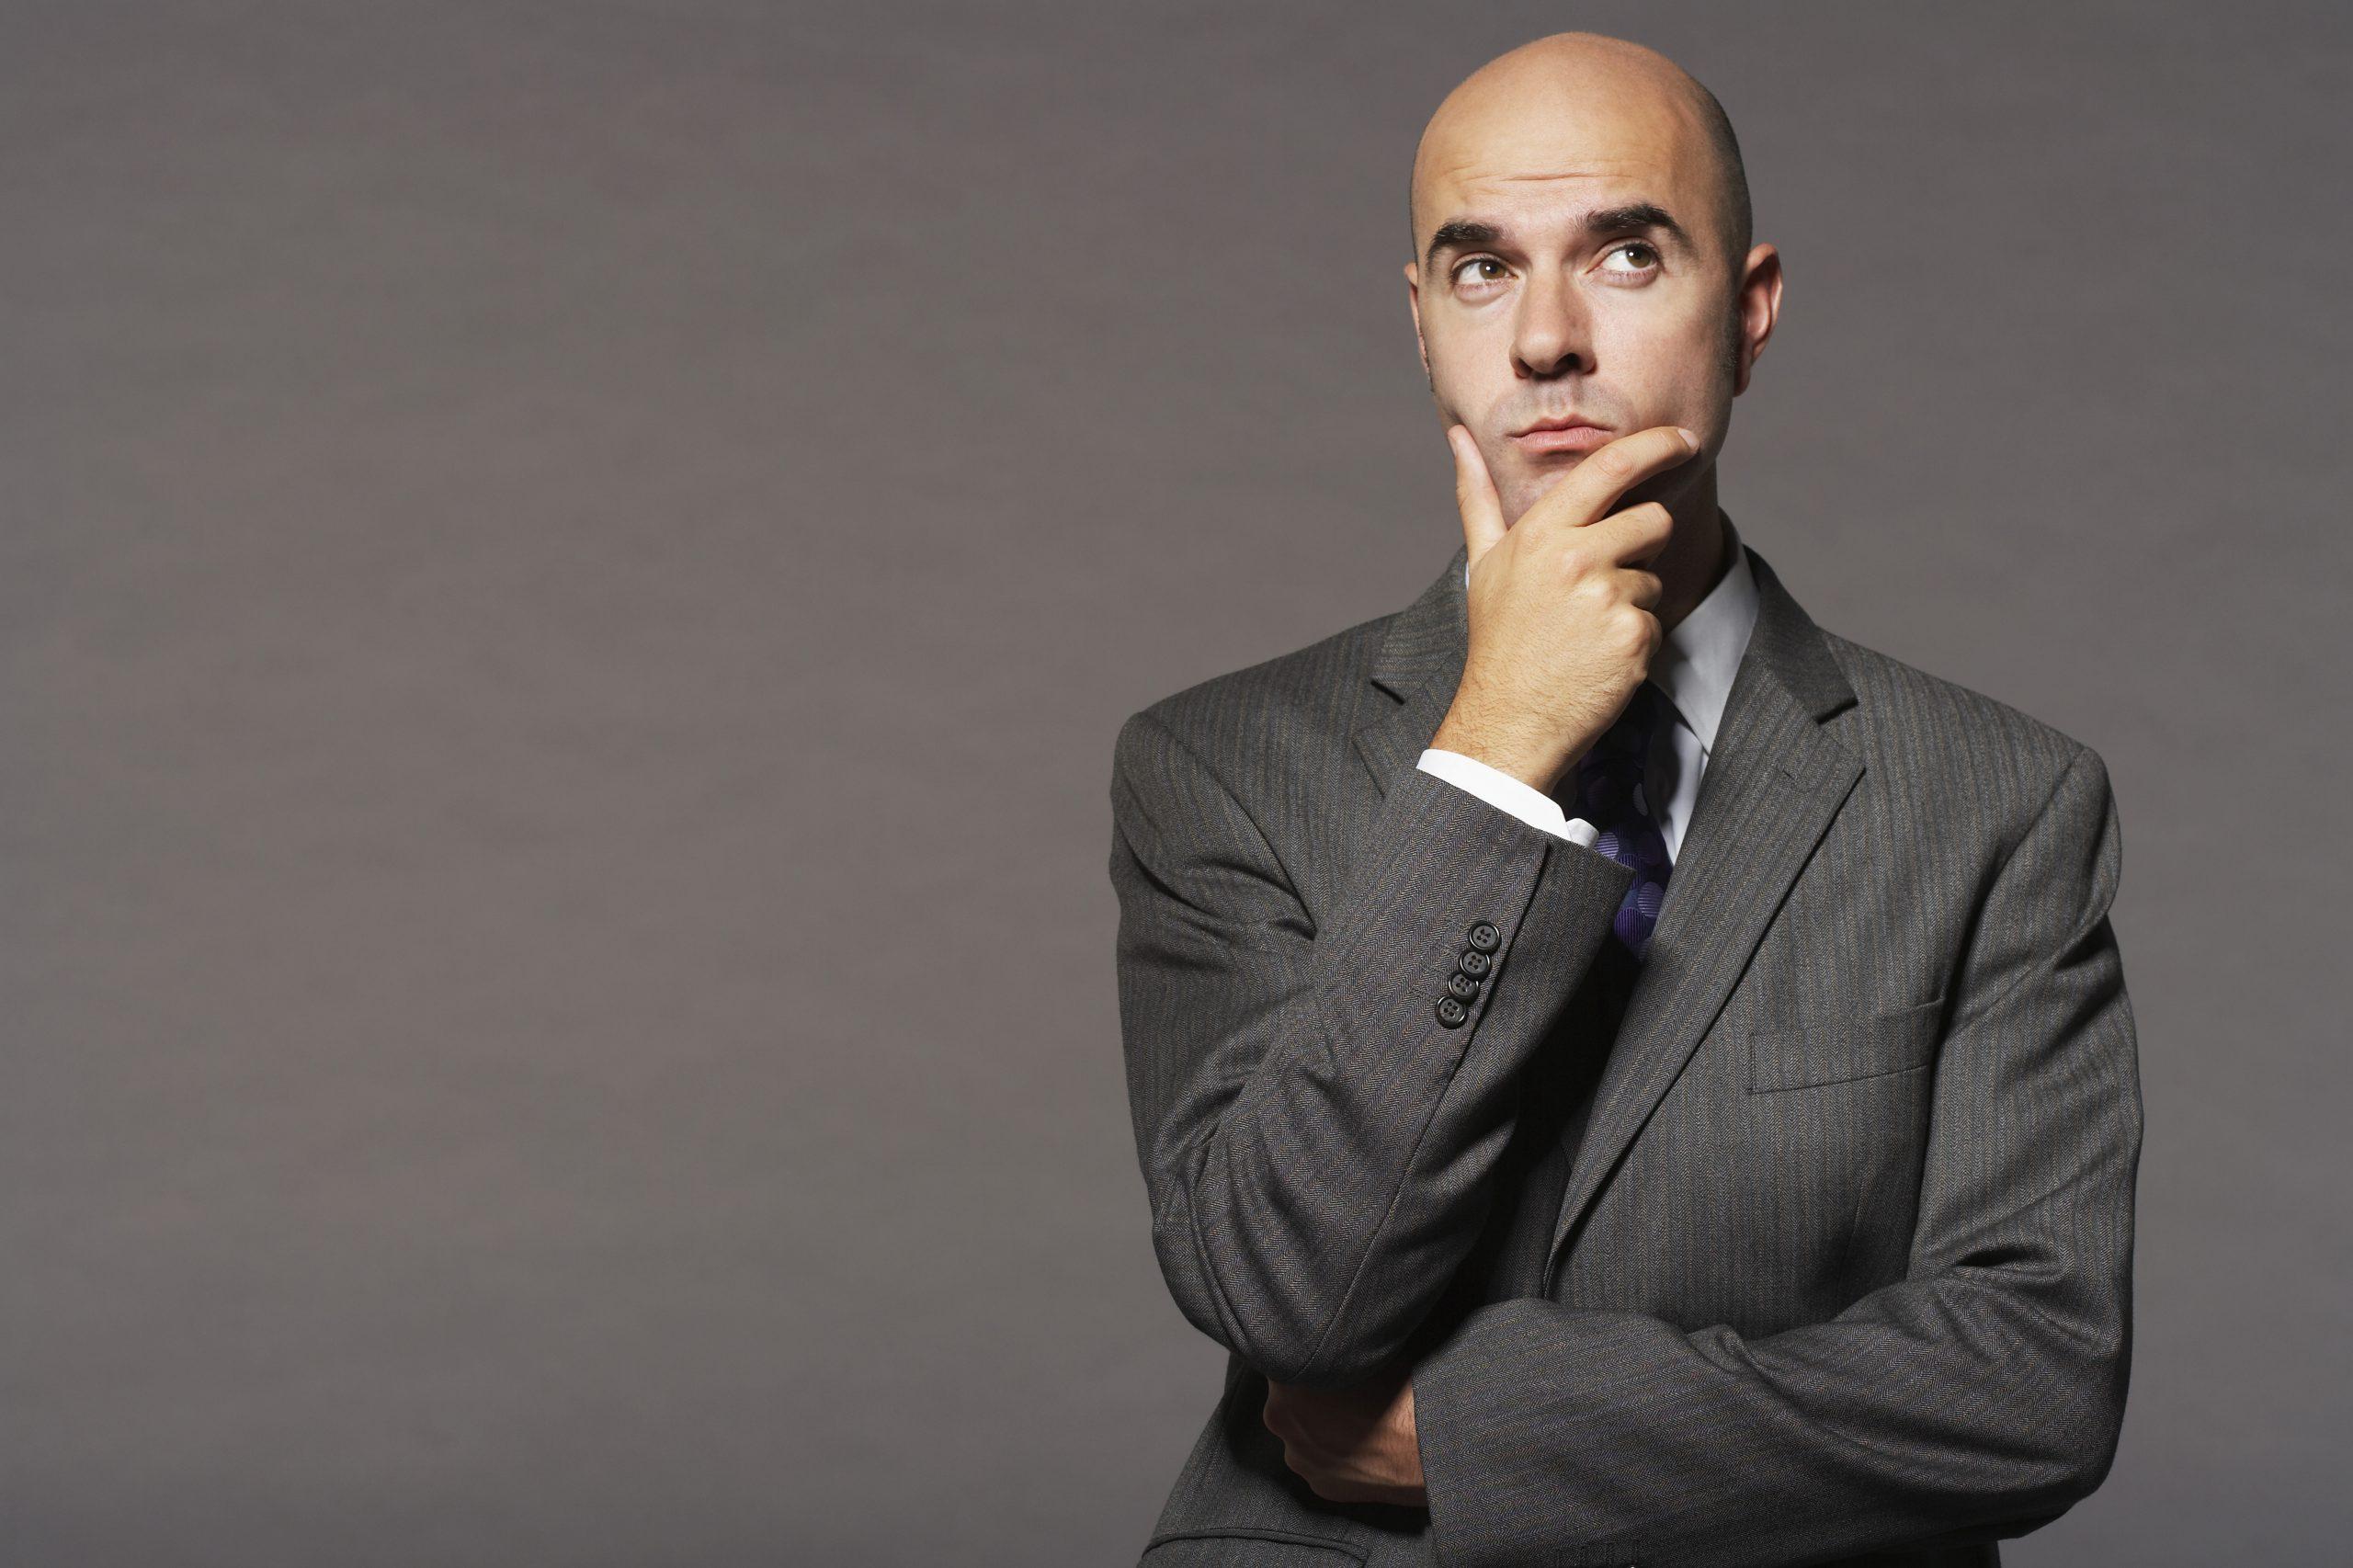 התקרחות לגברים – מה צריכים לדעת בנוגע להשתלת שיער?